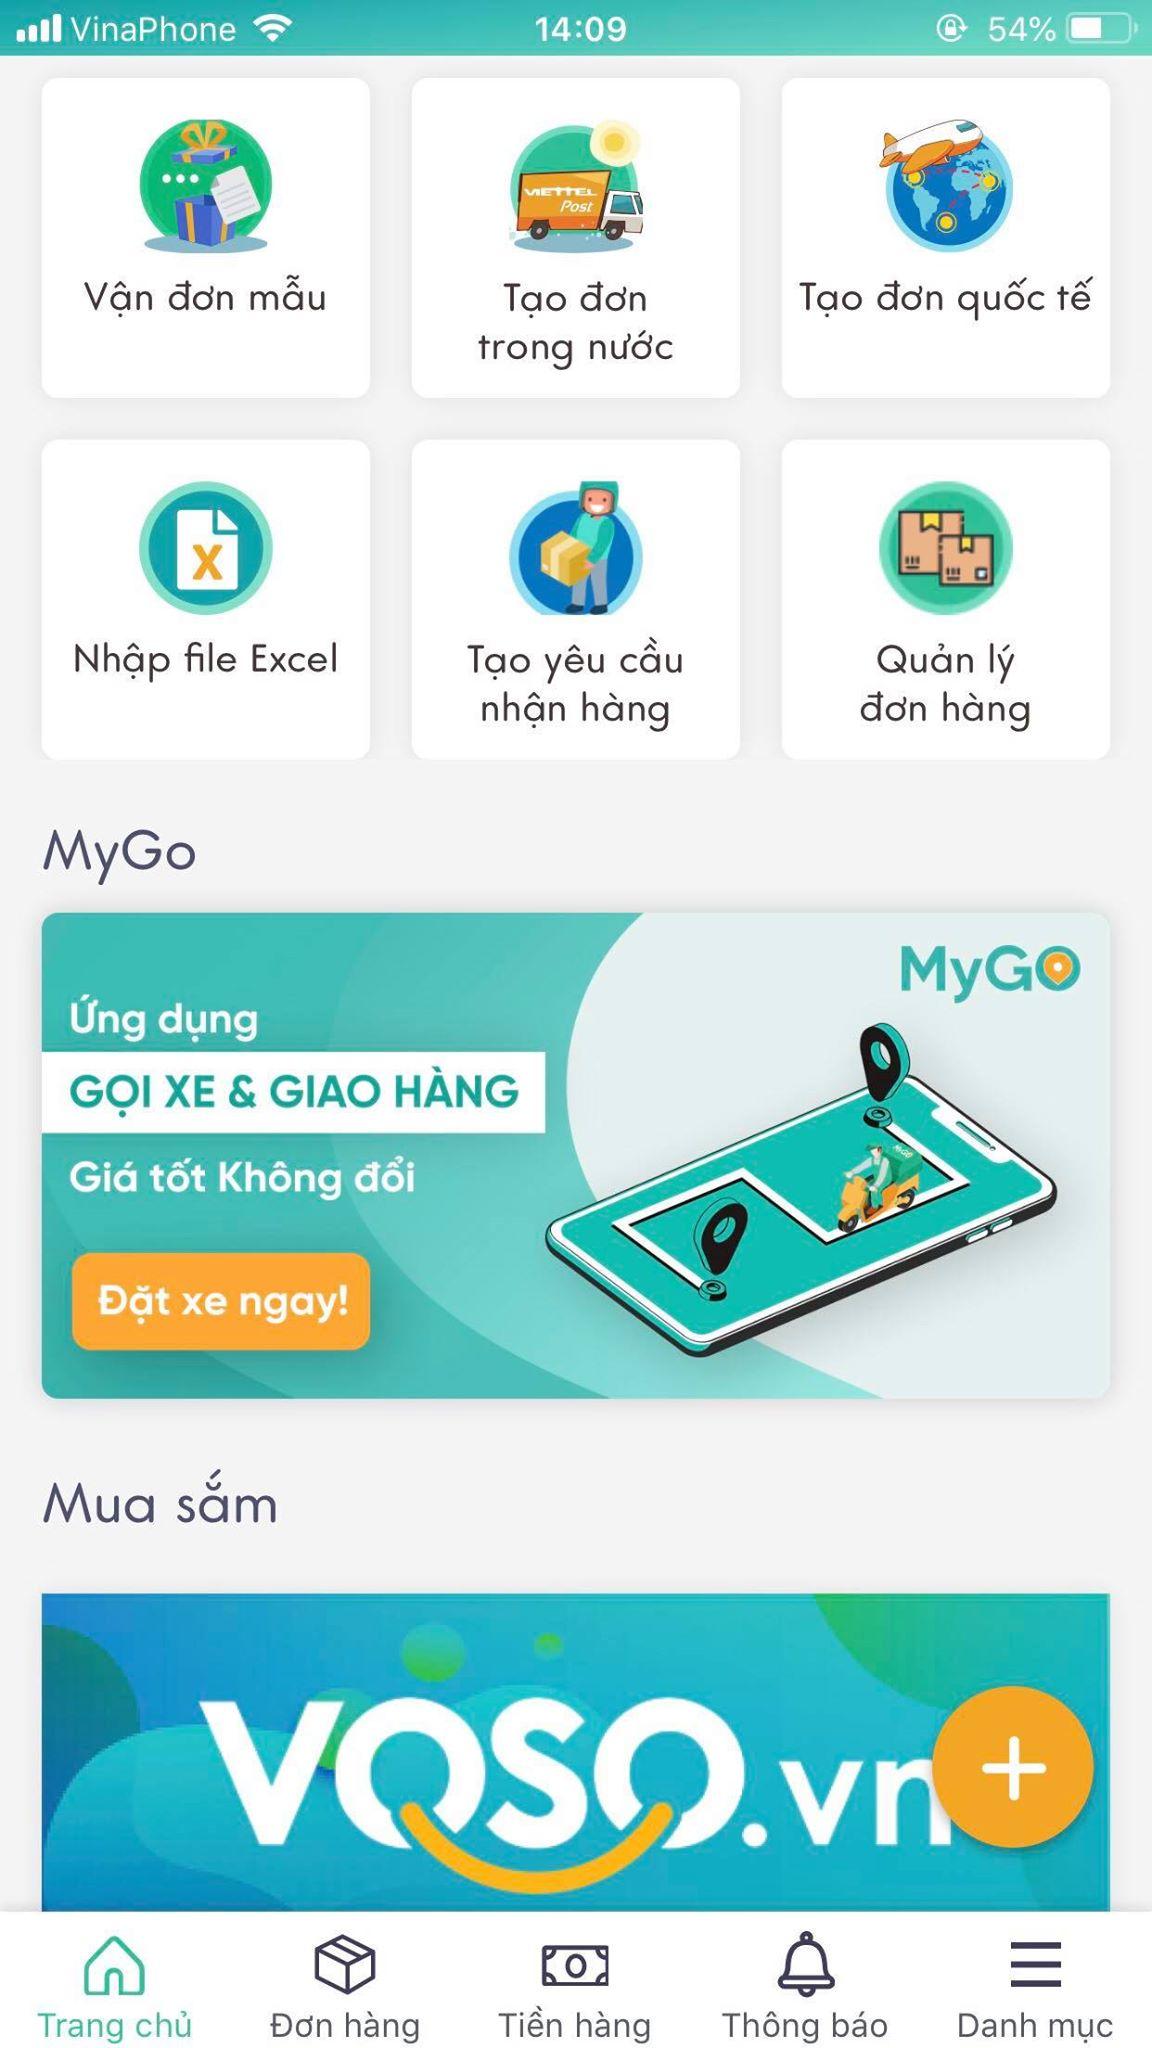 Viettel hâm nóng cuộc đua siêu ứng dụng tại Việt Nam 1